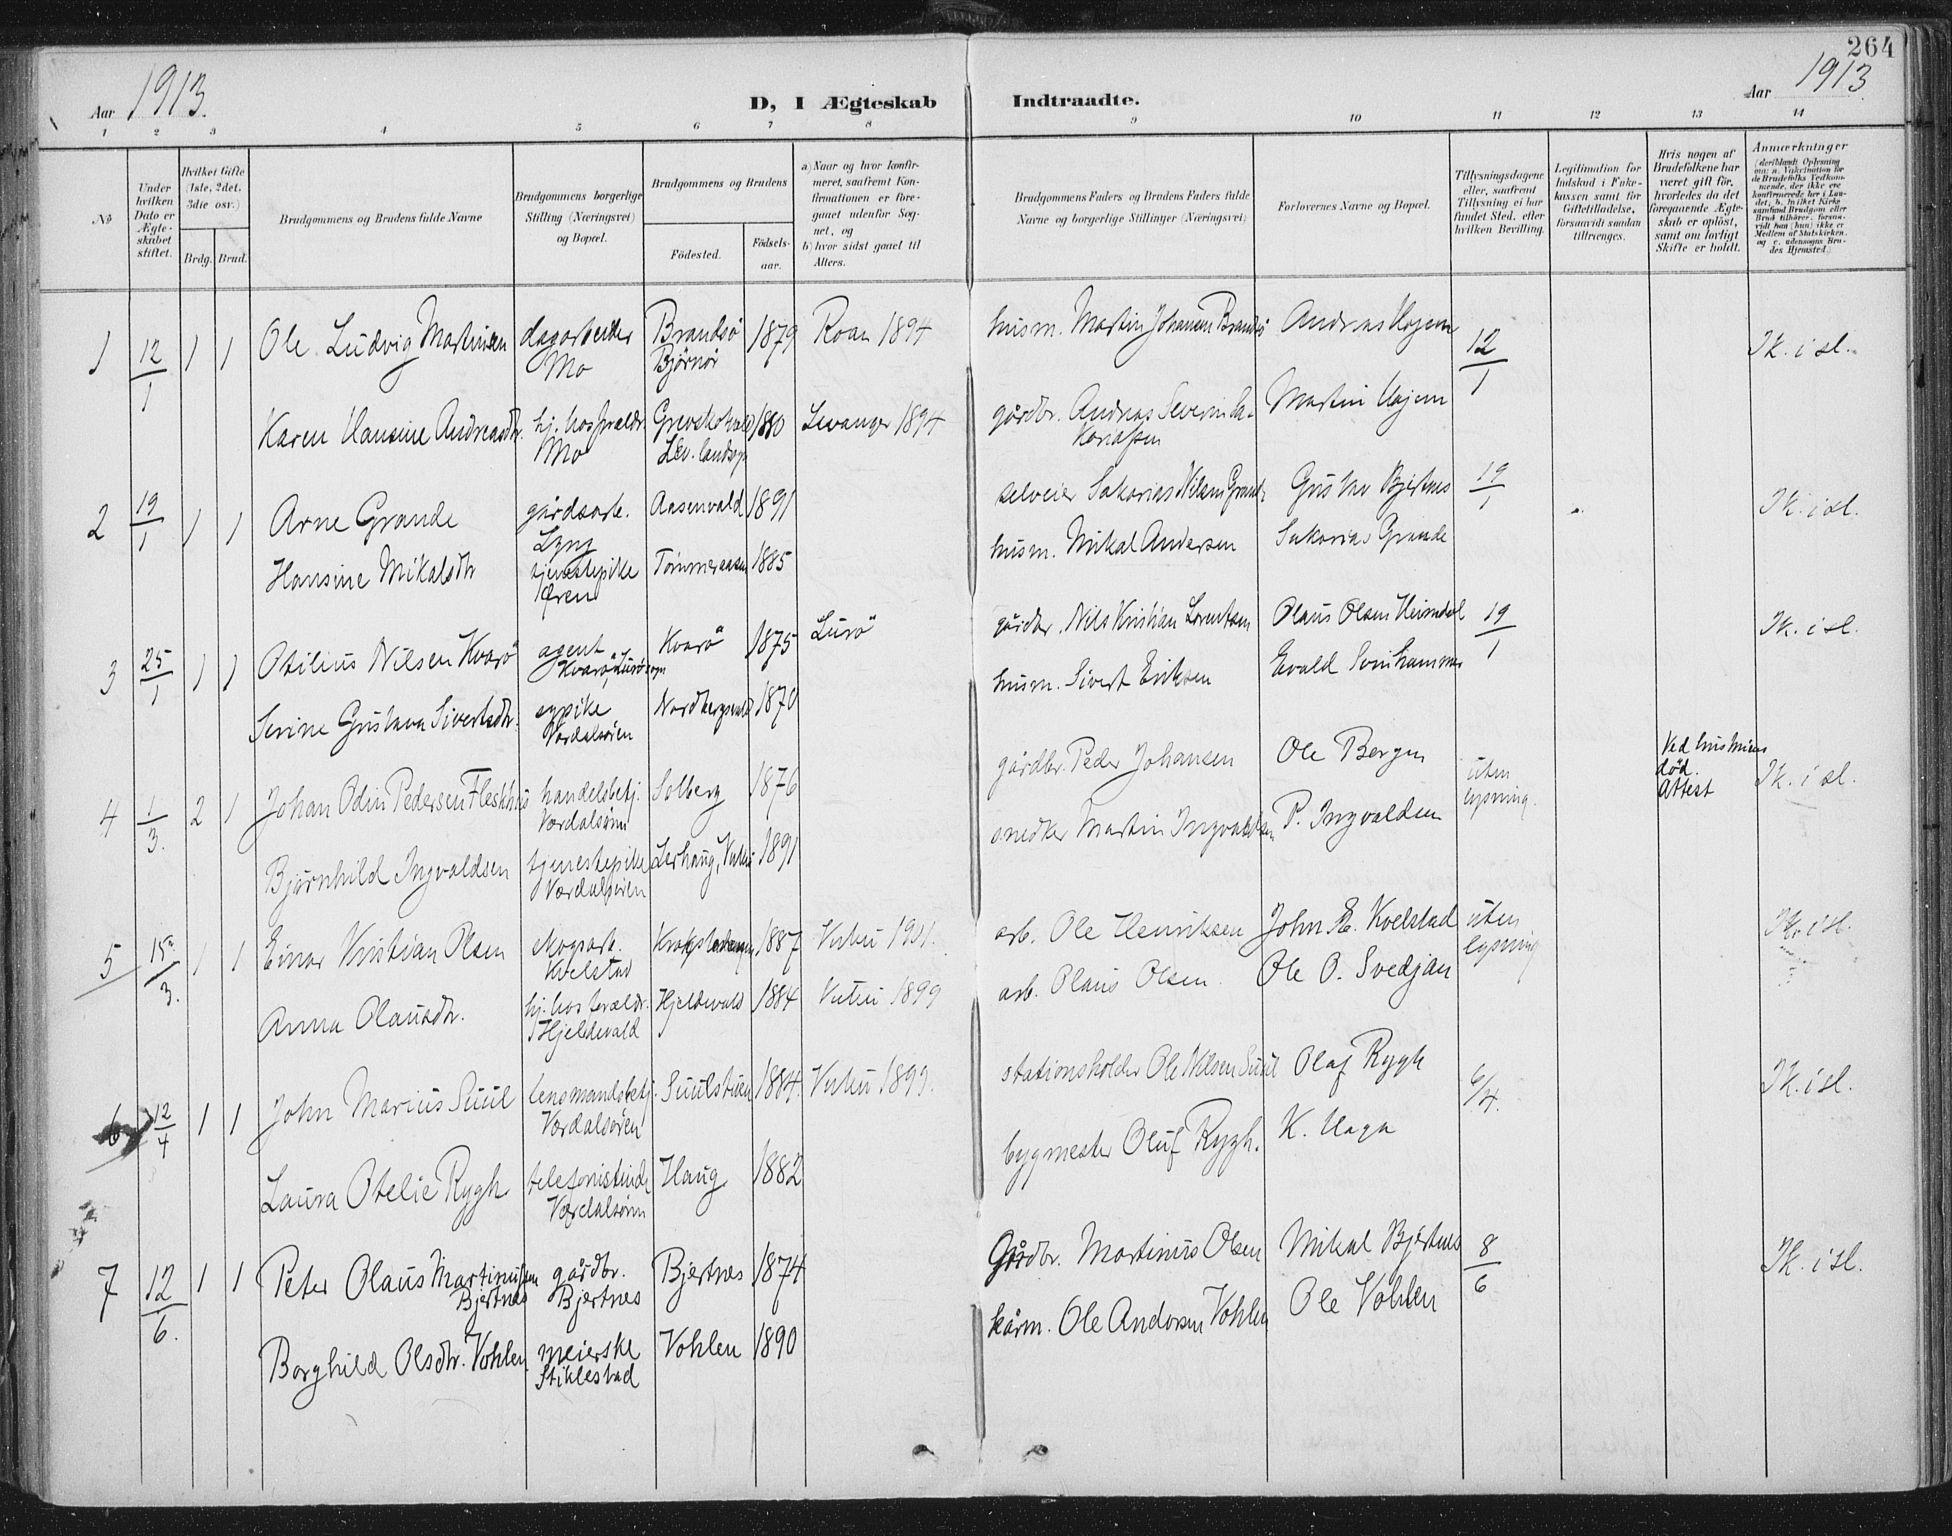 SAT, Ministerialprotokoller, klokkerbøker og fødselsregistre - Nord-Trøndelag, 723/L0246: Ministerialbok nr. 723A15, 1900-1917, s. 264